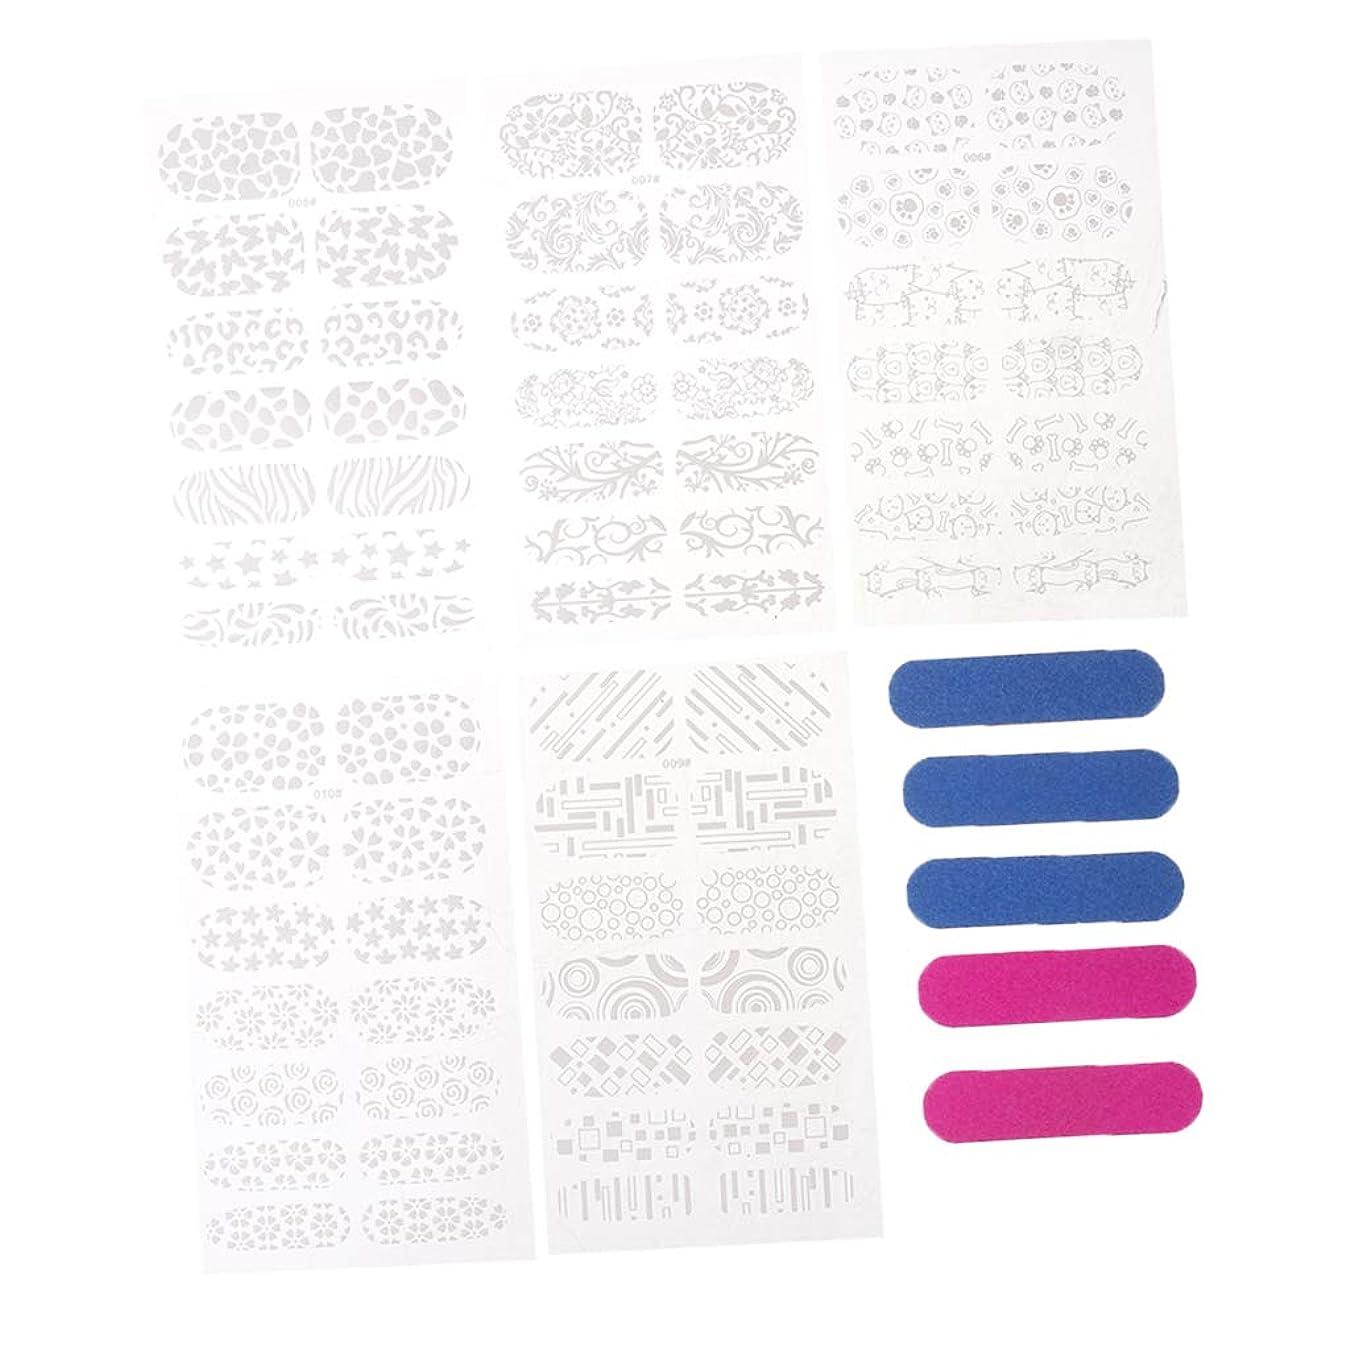 布とげ散らすB Baosity 5枚 ネイルアートステッカー ネイル装飾 マニキュア 天然爪 人工爪 ネイル道具 2タイプ選べ - B